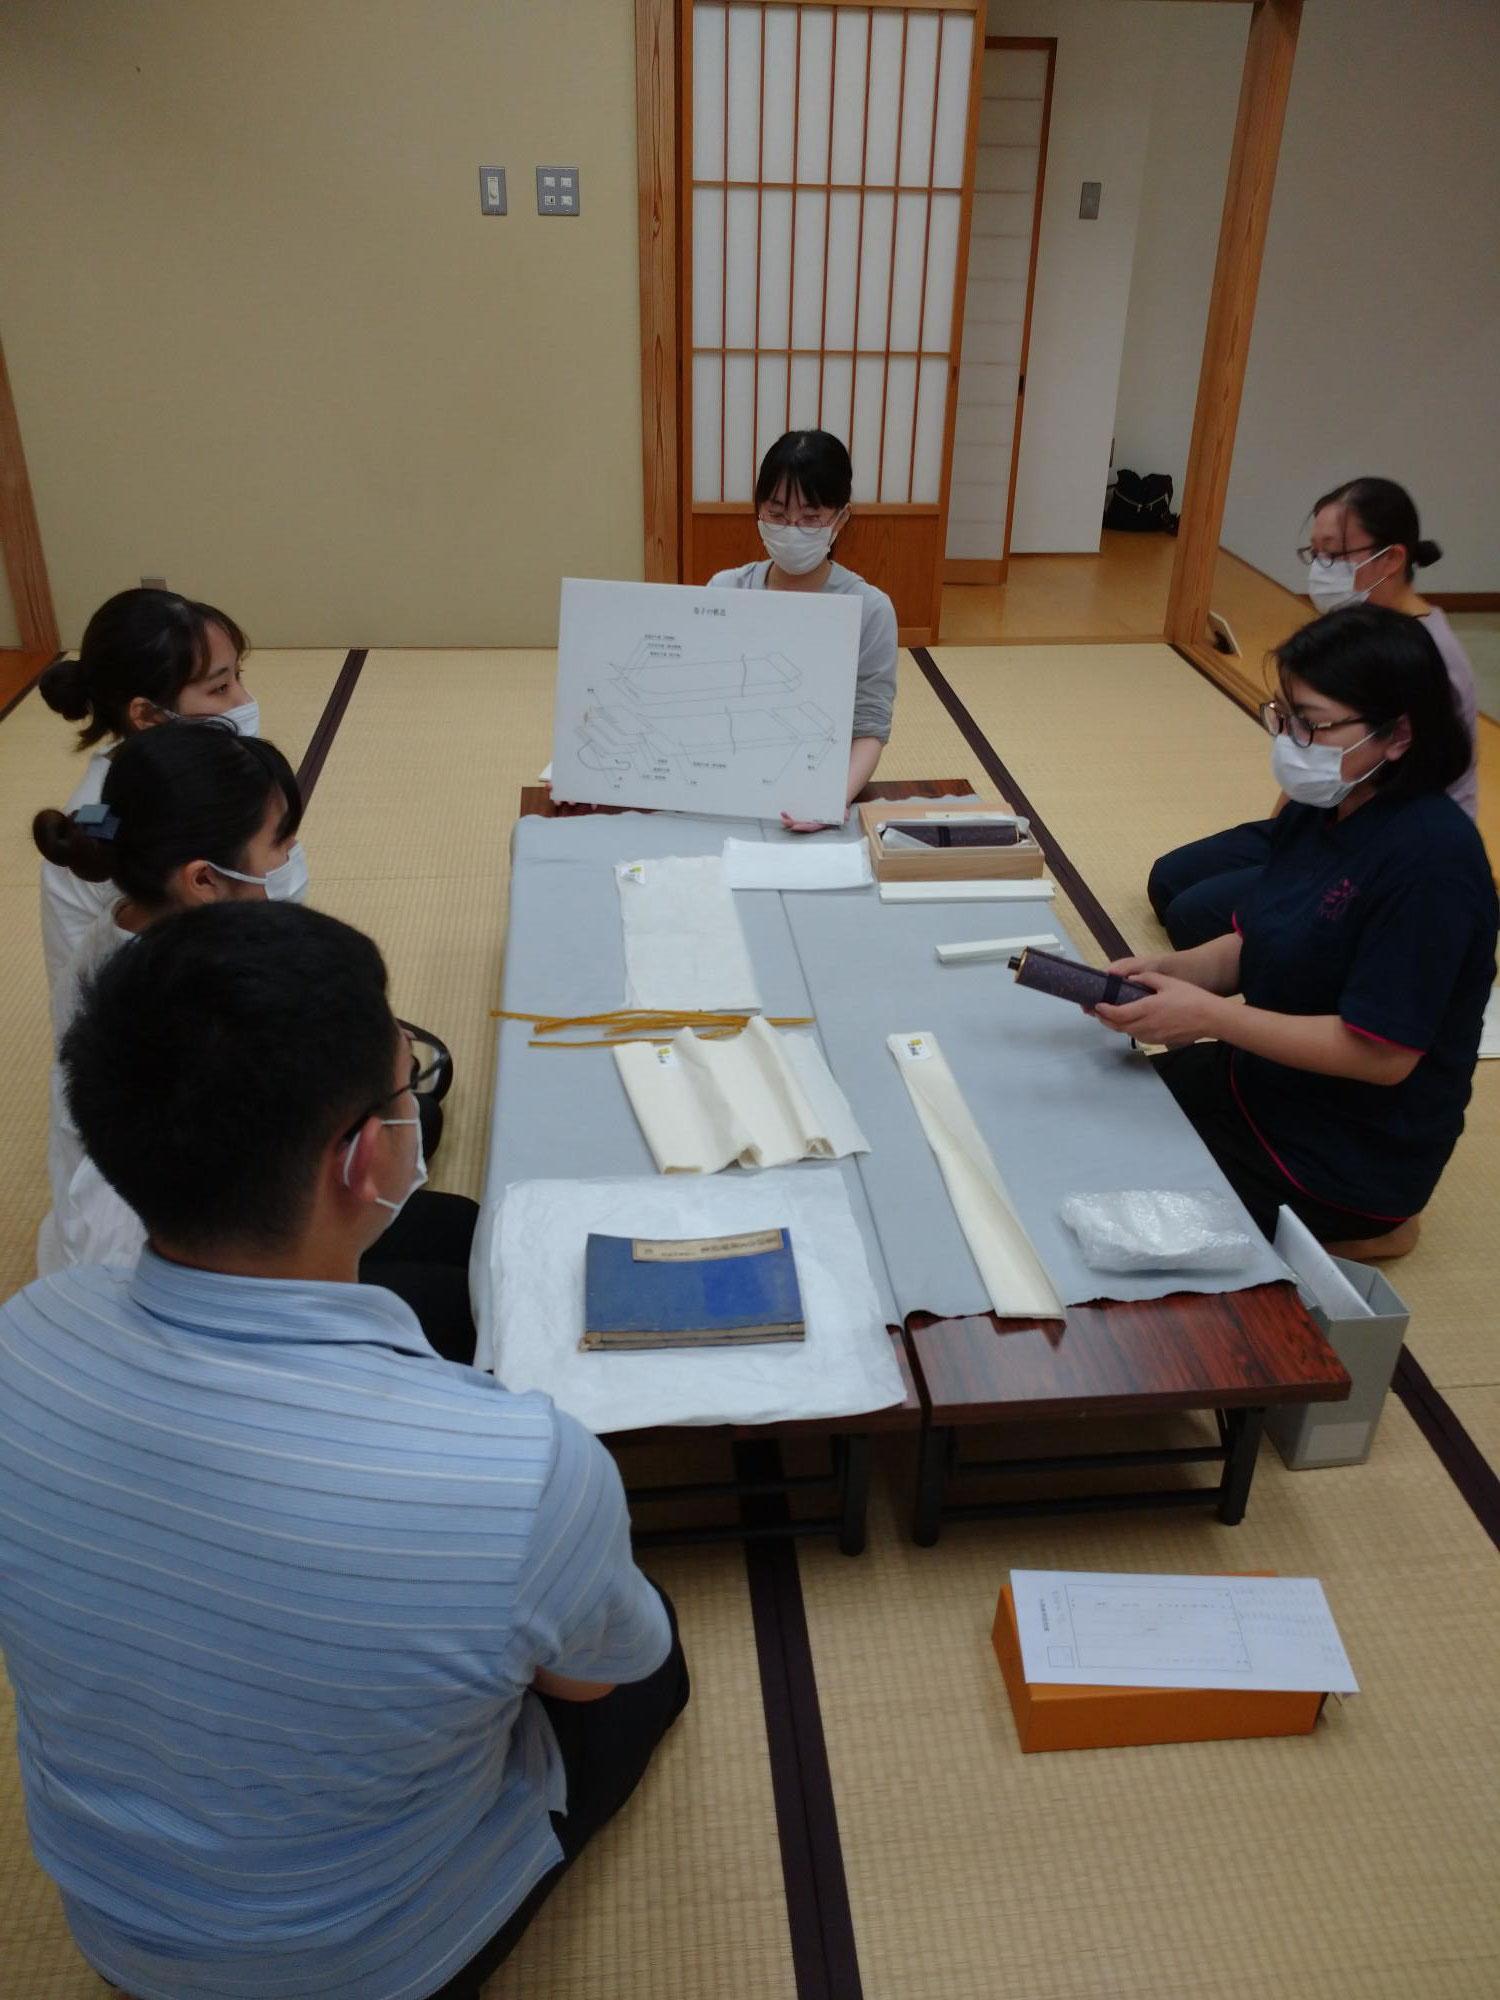 古文書の取り扱い方を学びました